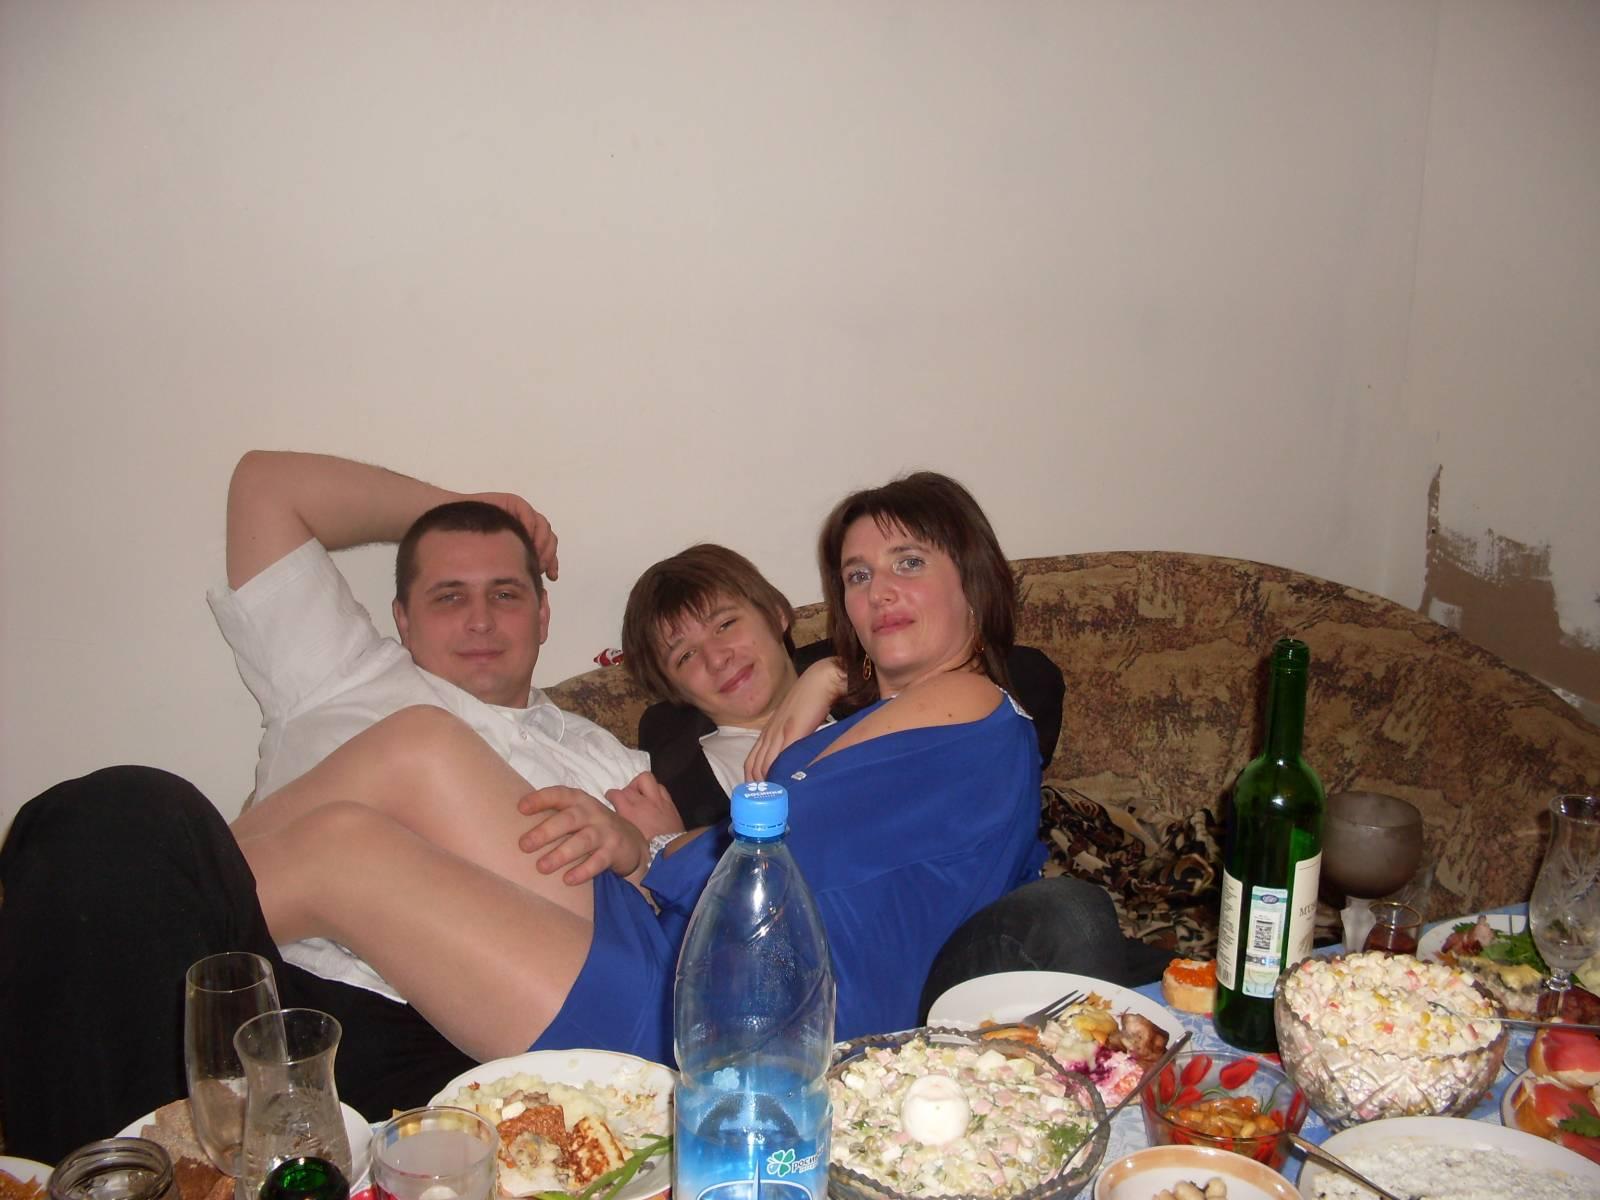 Фото жена голая при госте, Моя голая жена - домашняя эротика 8 фотография